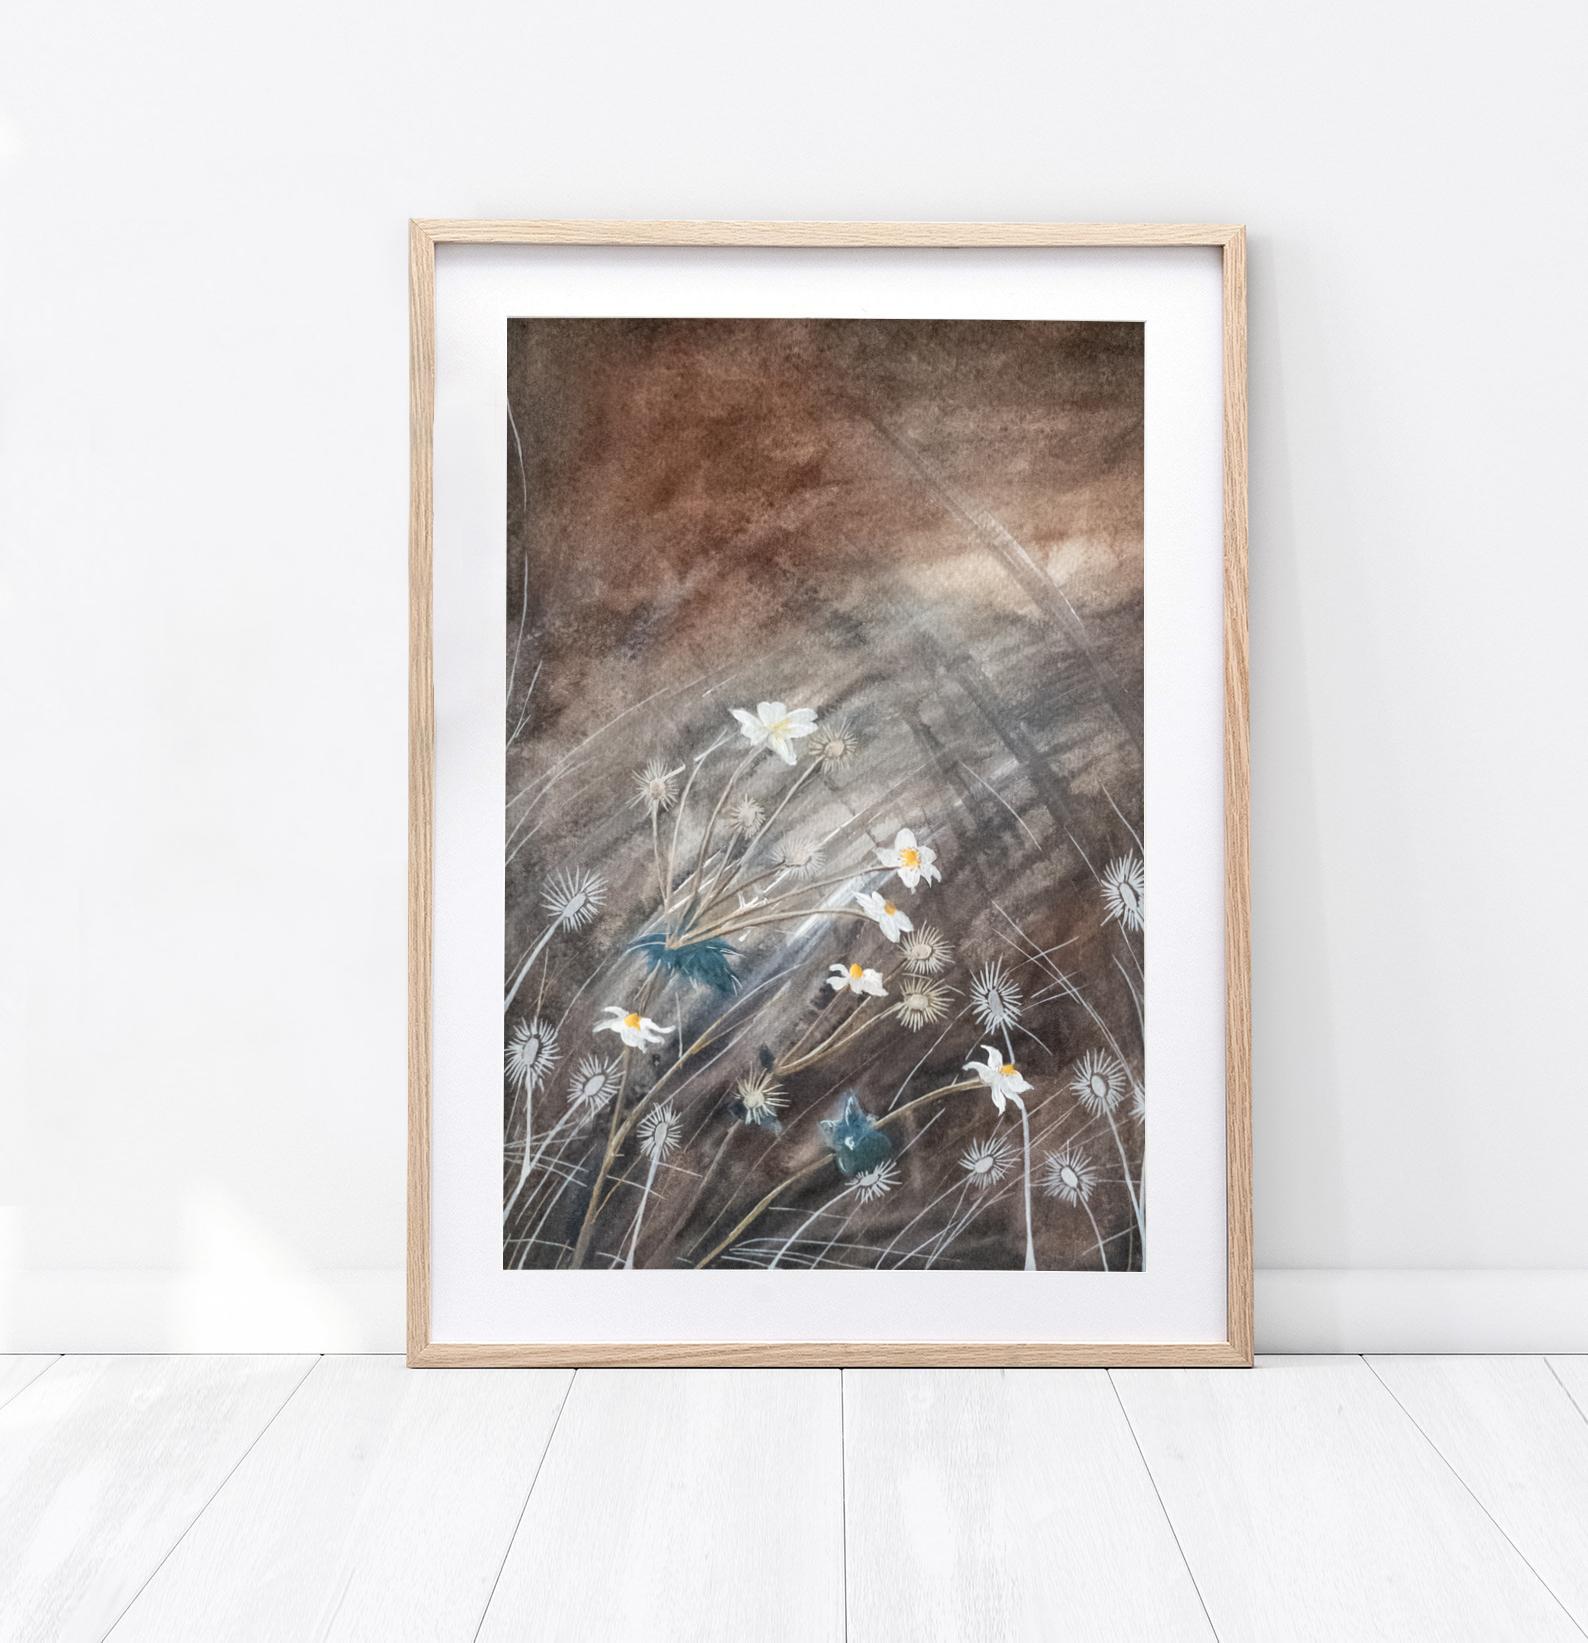 """Obraz """"Jesienna łąka"""" wykonany farbami wodnymi"""